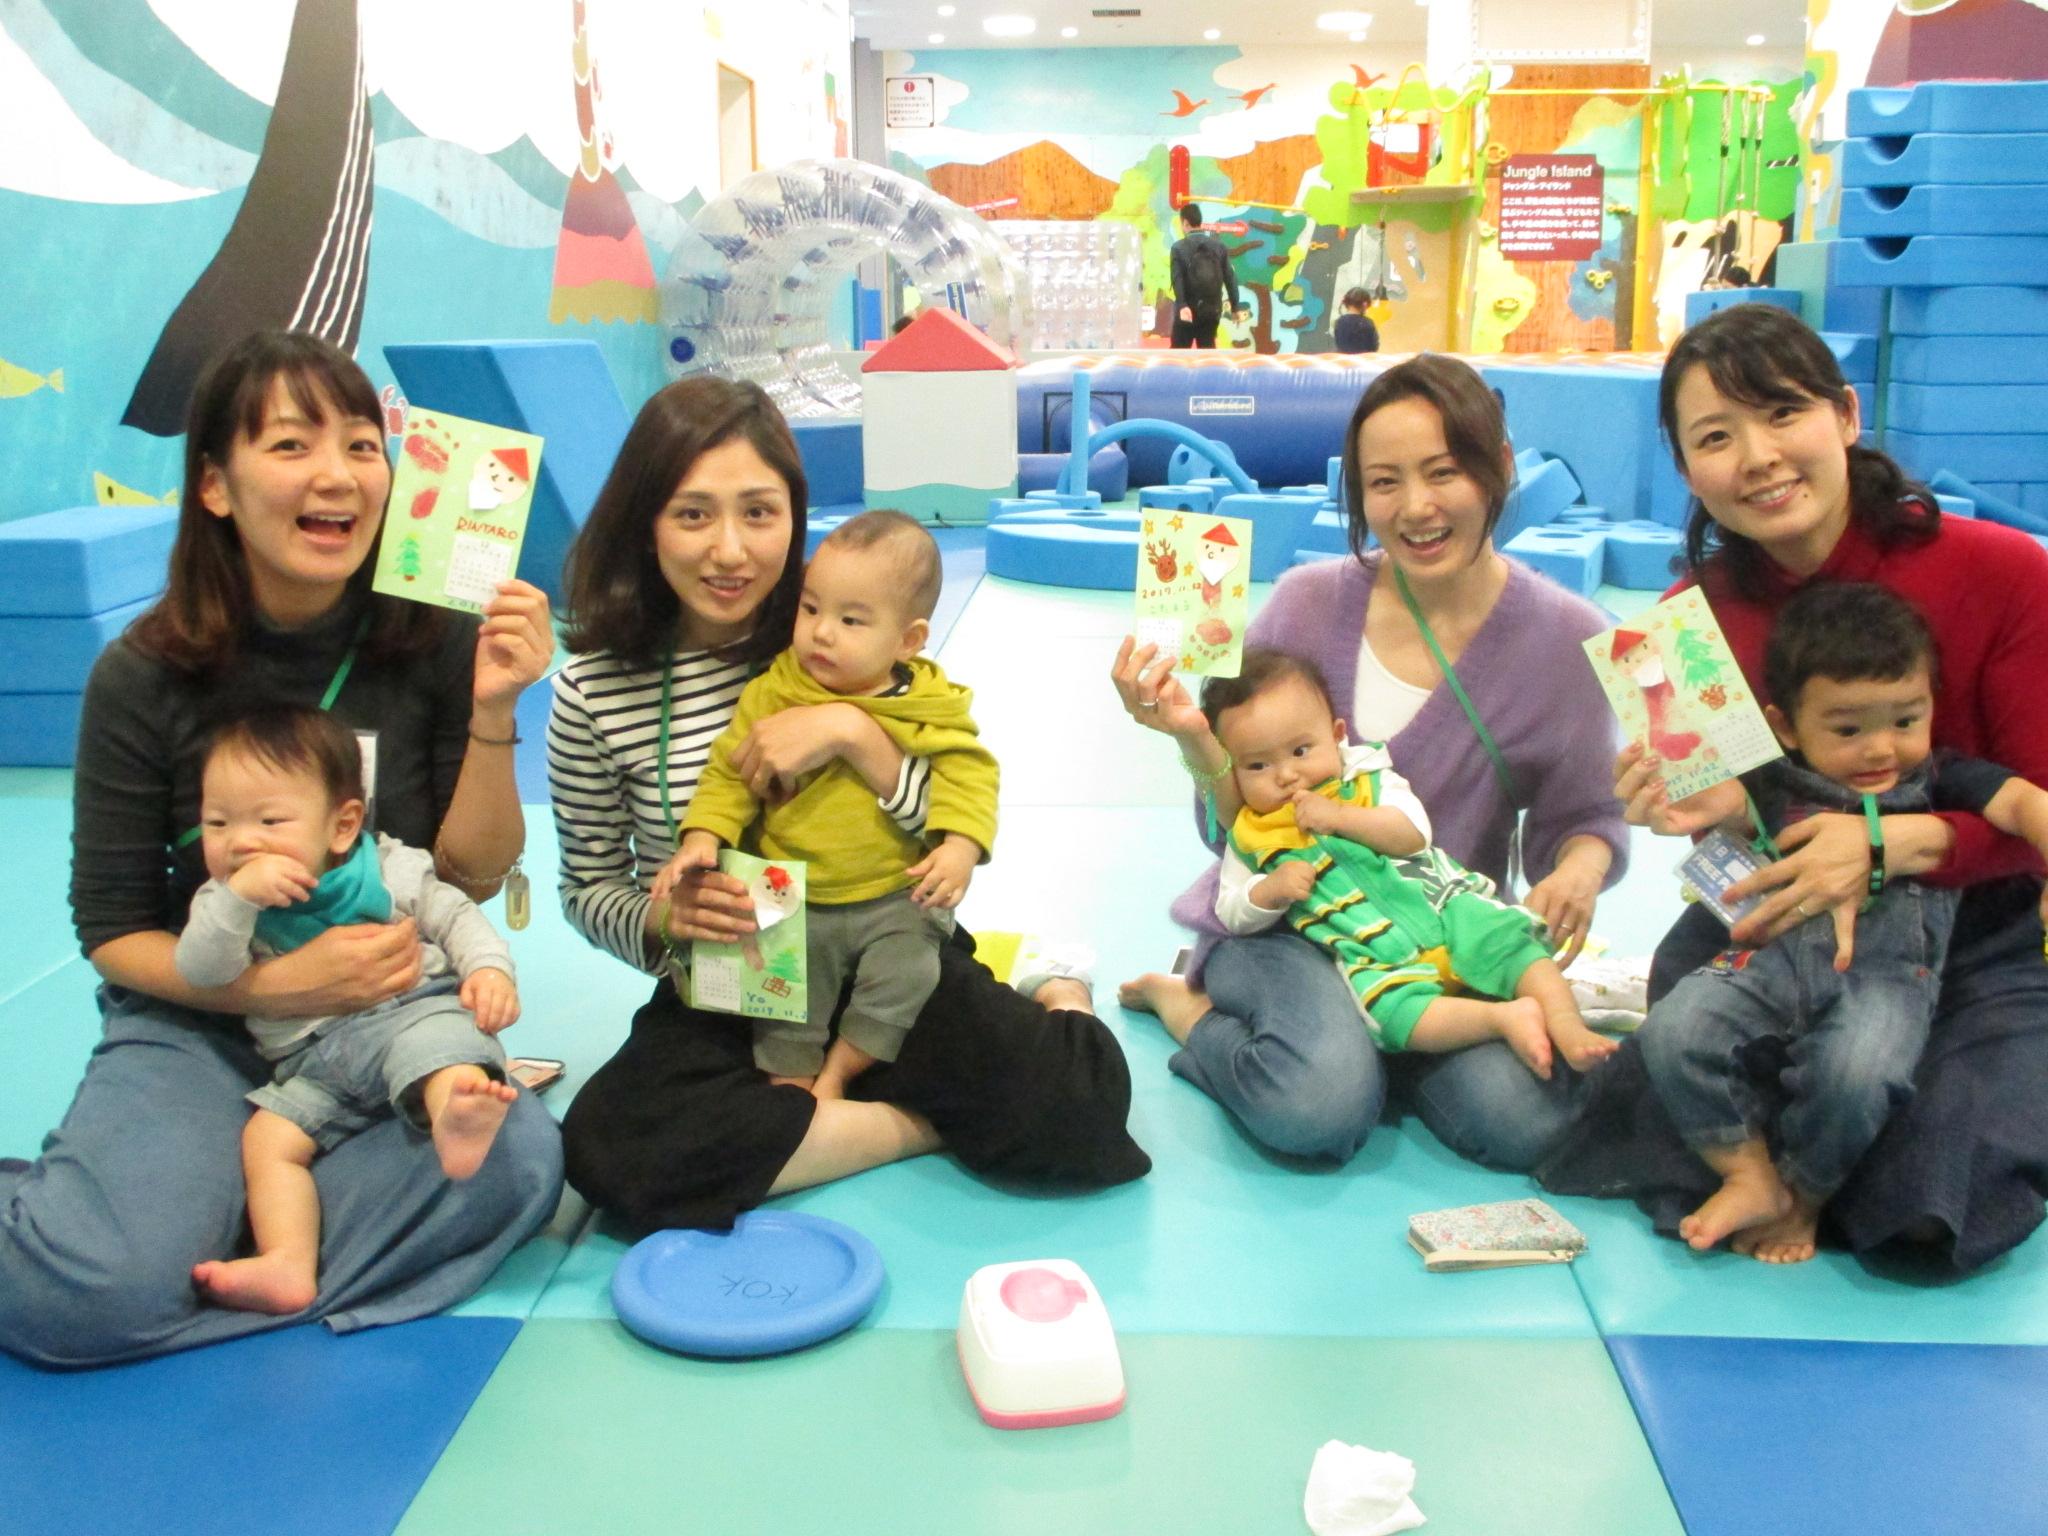 木曜日は、赤ちゃんの日イベント「手形で1月のだるまカレンダーをつくろう!」を行います